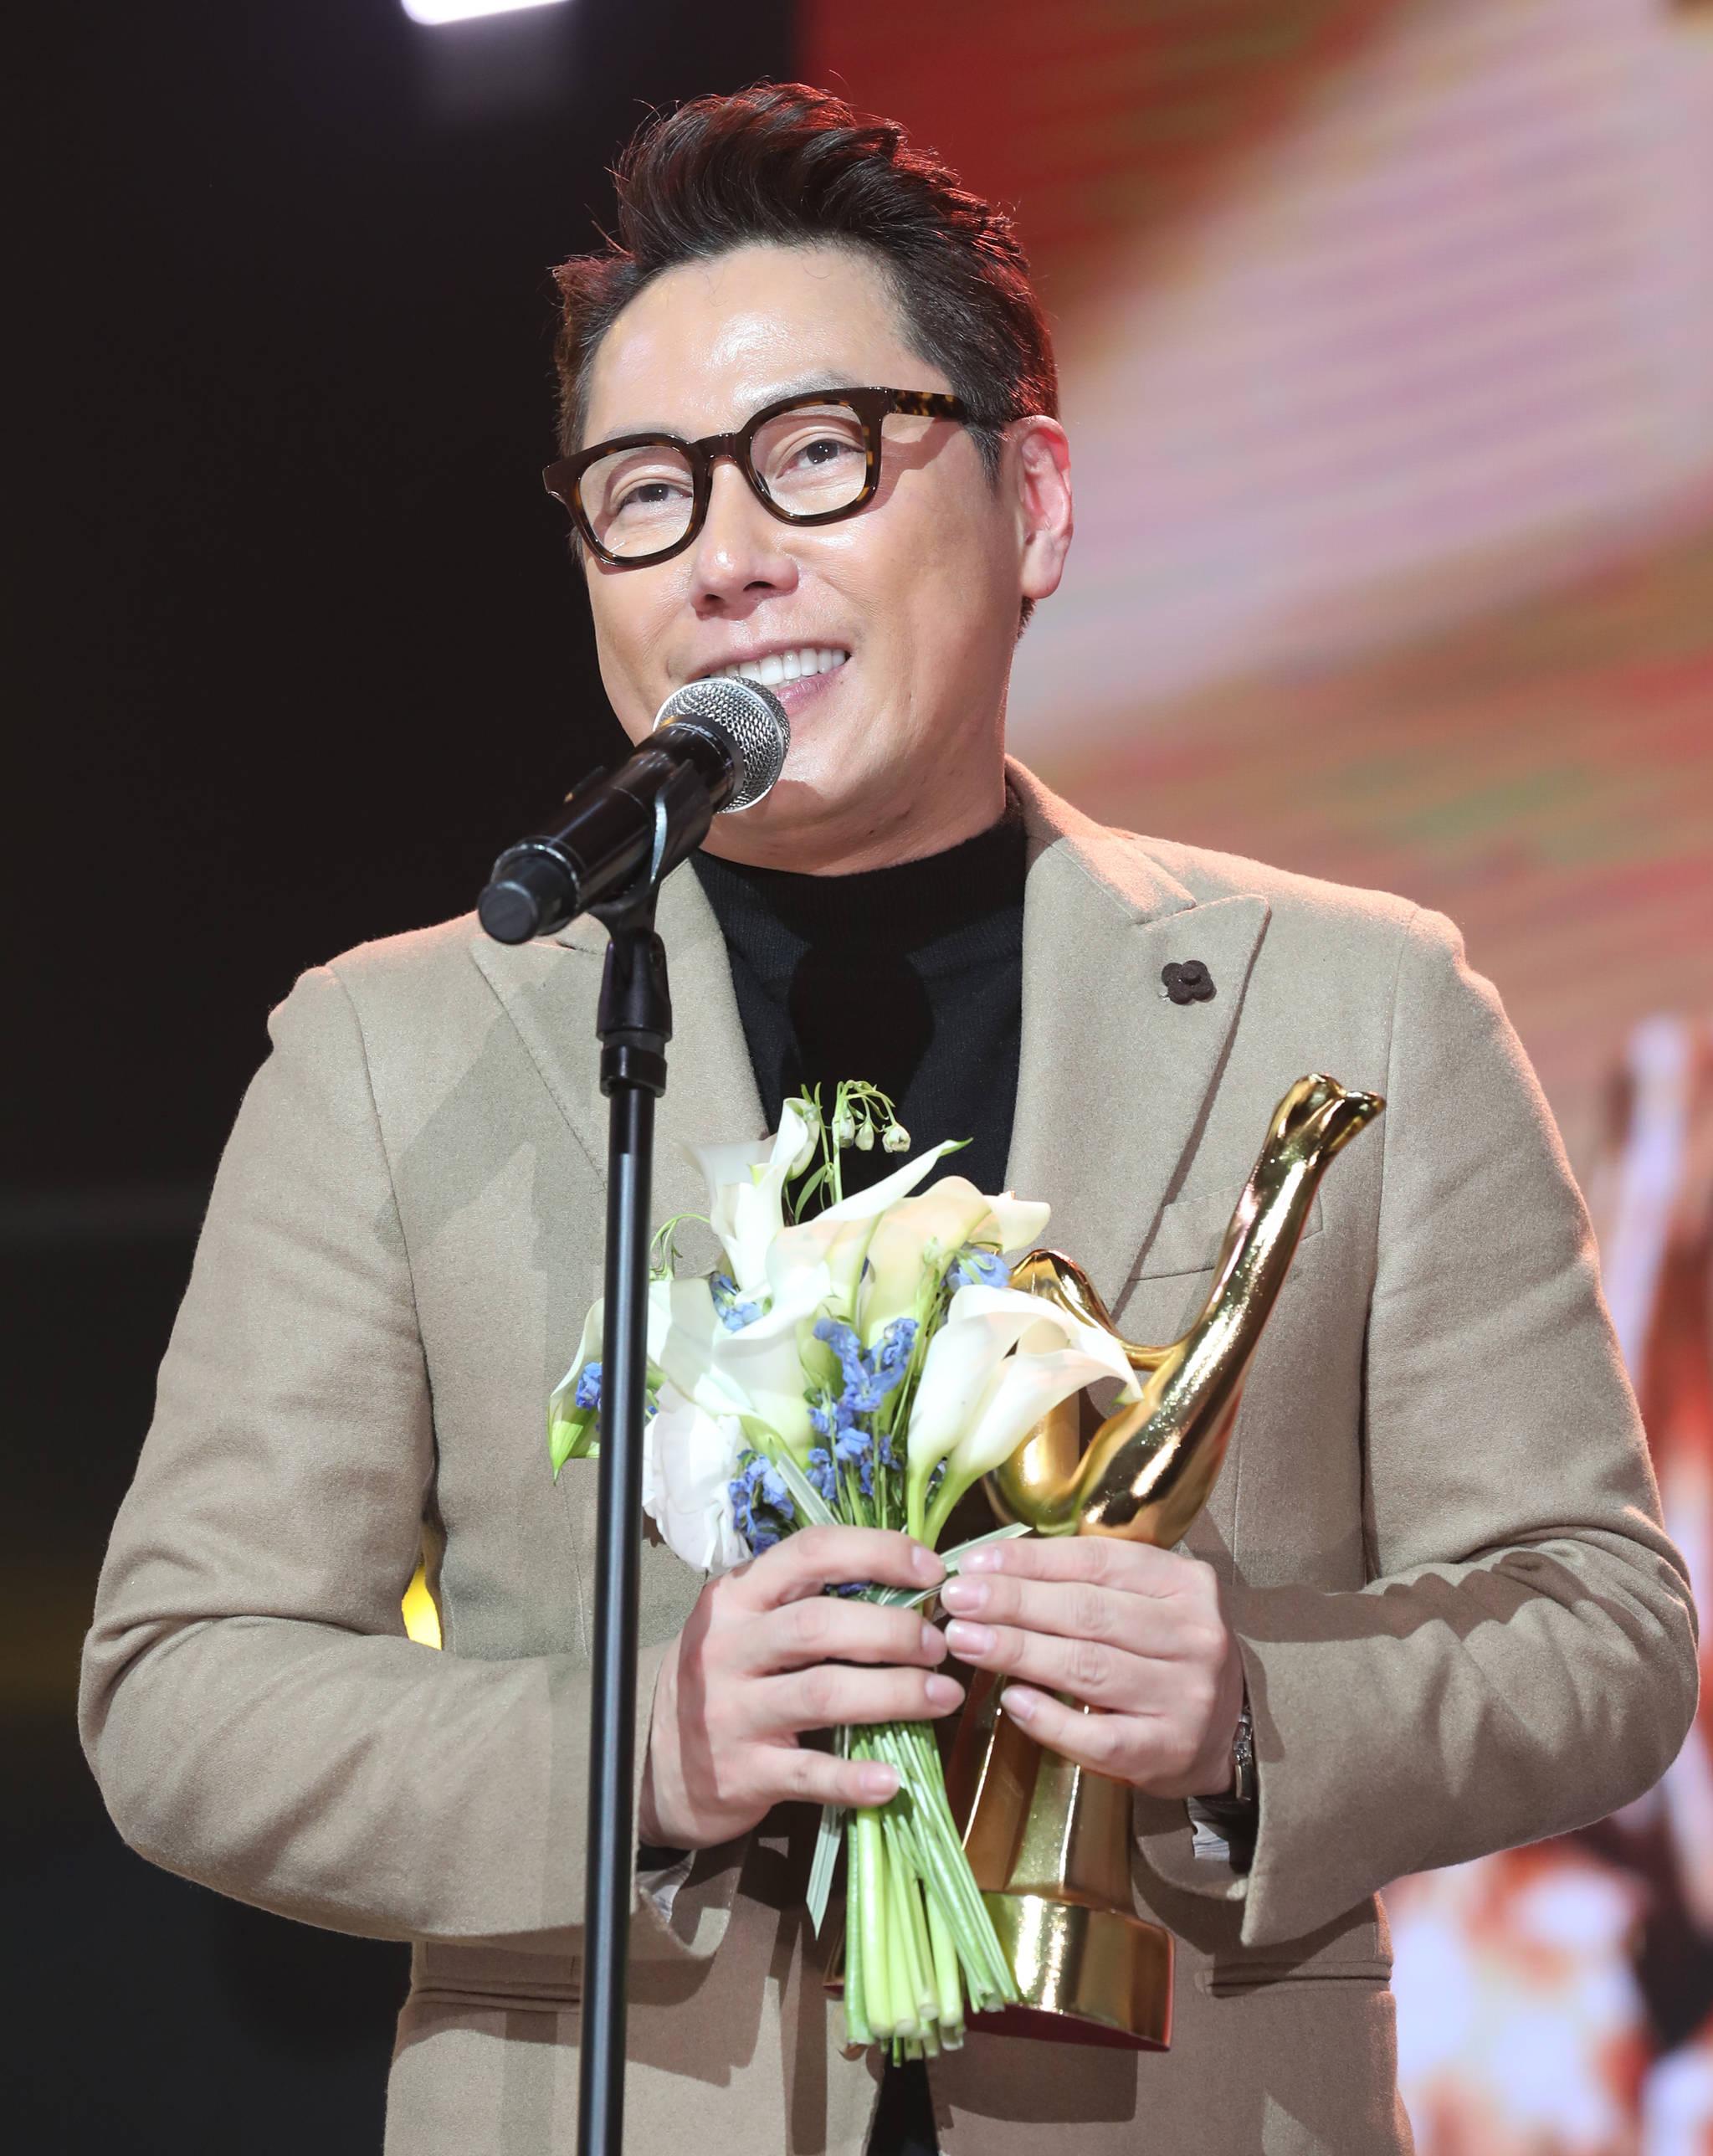 가수 윤종신이 지난 1월 10일 제32회 골든디스크 음원 부문에서 첫 본상을 수상했다.[중앙포토]